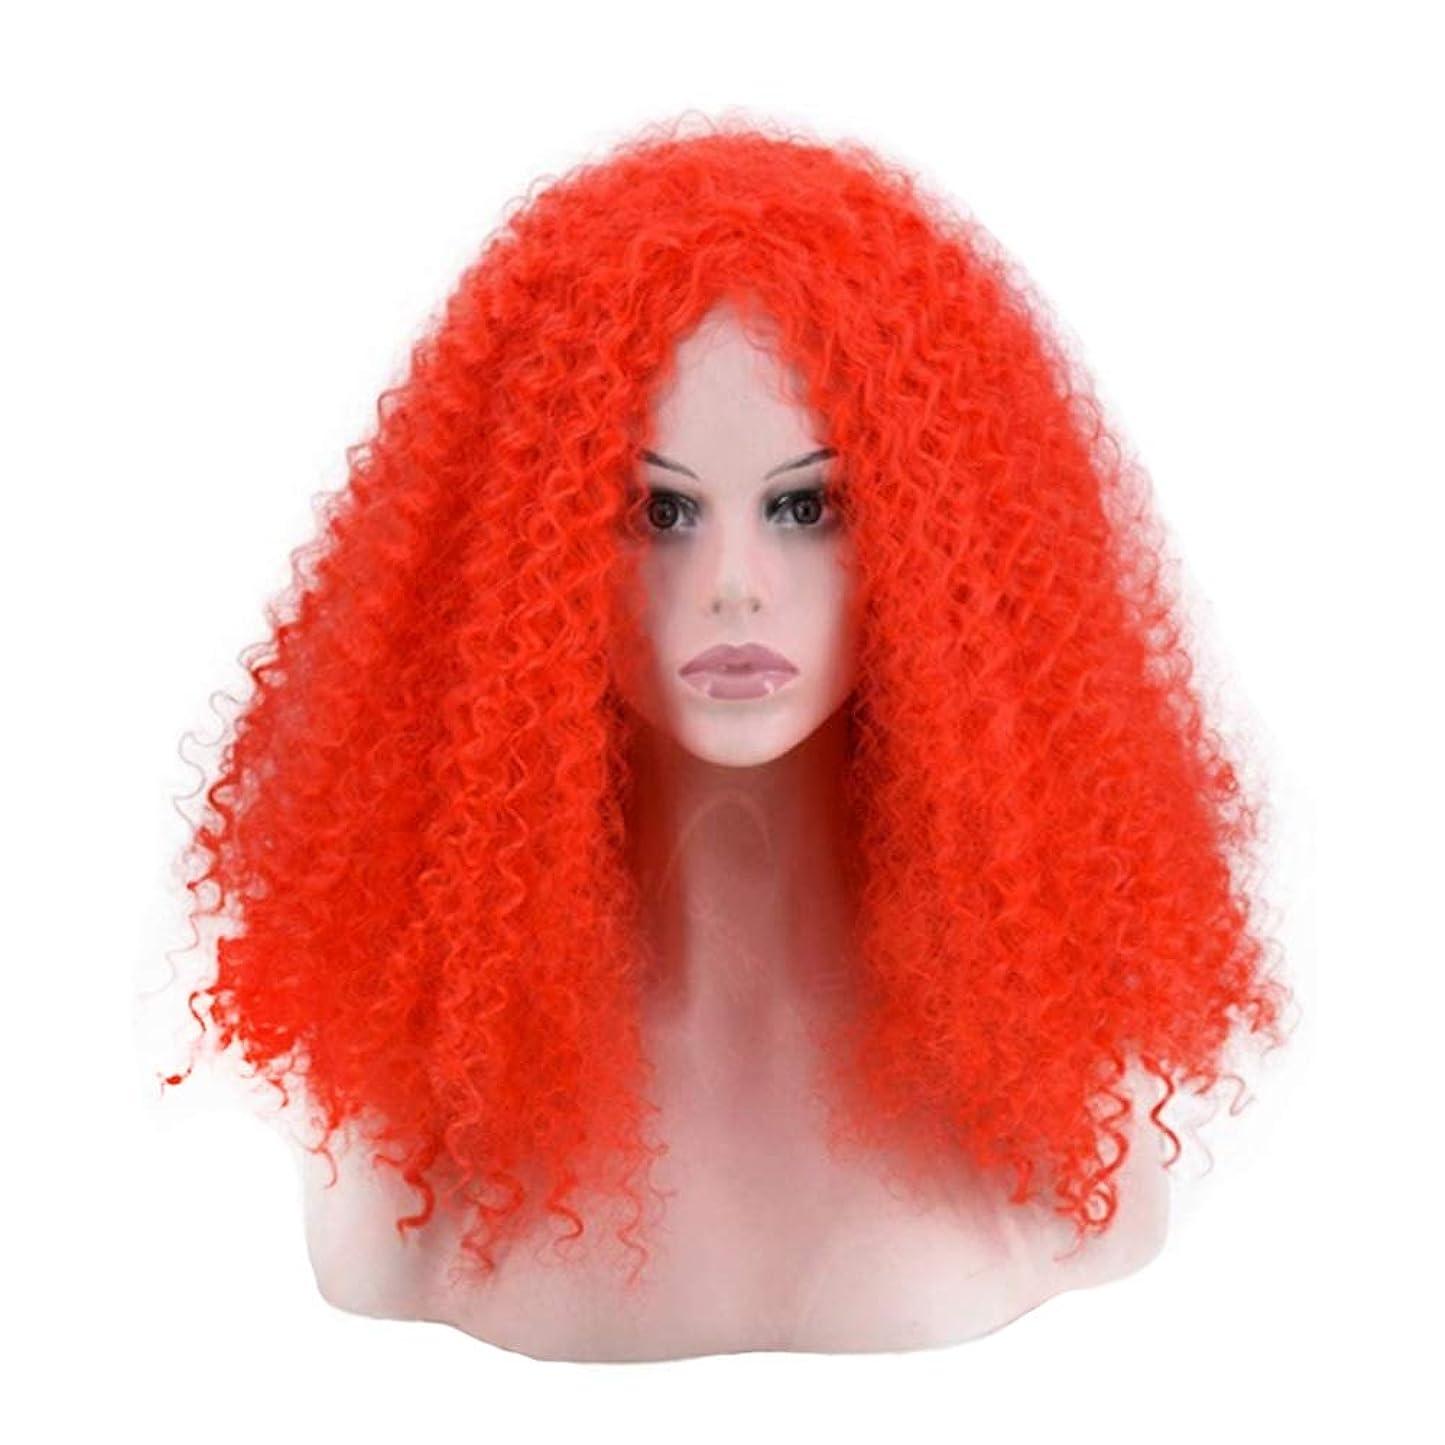 控えめな種類取るに足らないかつら - ファッションロングロール高温シルクウィッグパーティーハロウィンロールプレイ40cm赤 (色 : Red, サイズ さいず : 40cm)